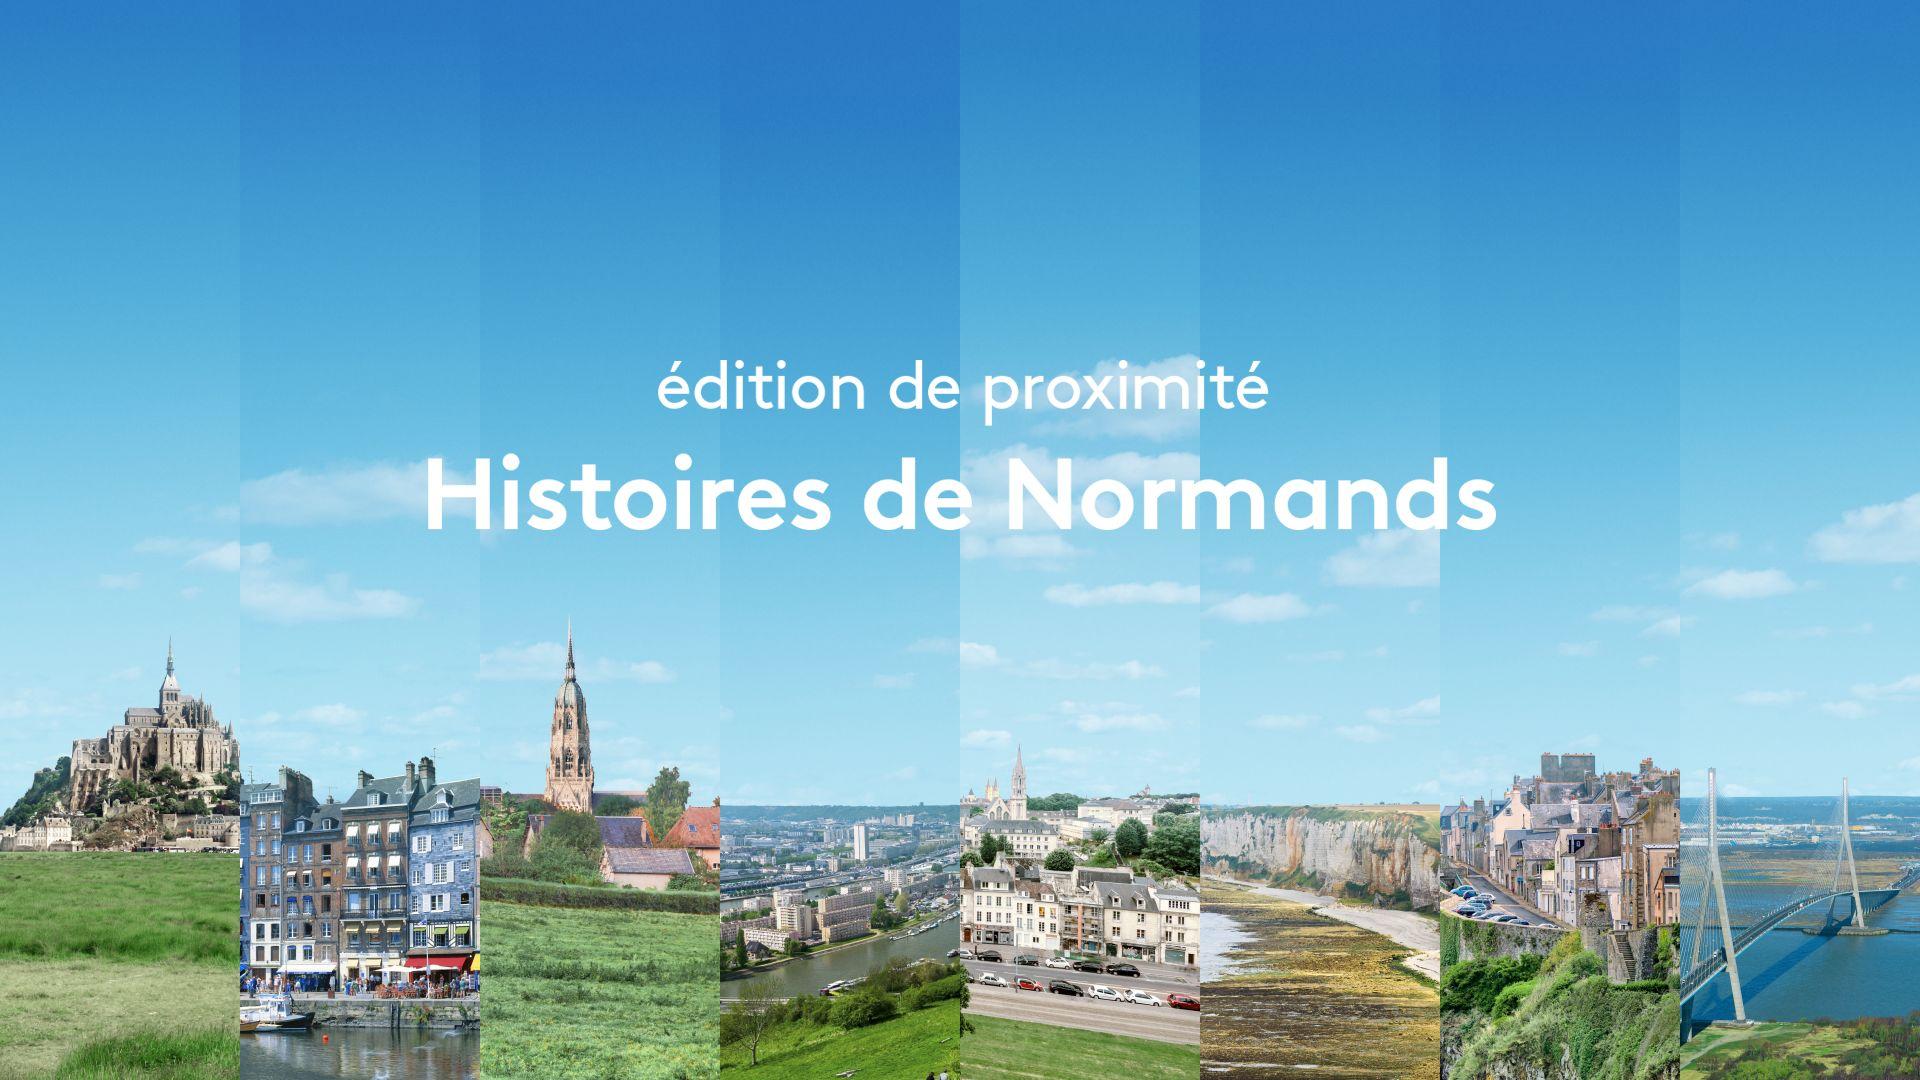 Édition de proximité – Histoires de Normands